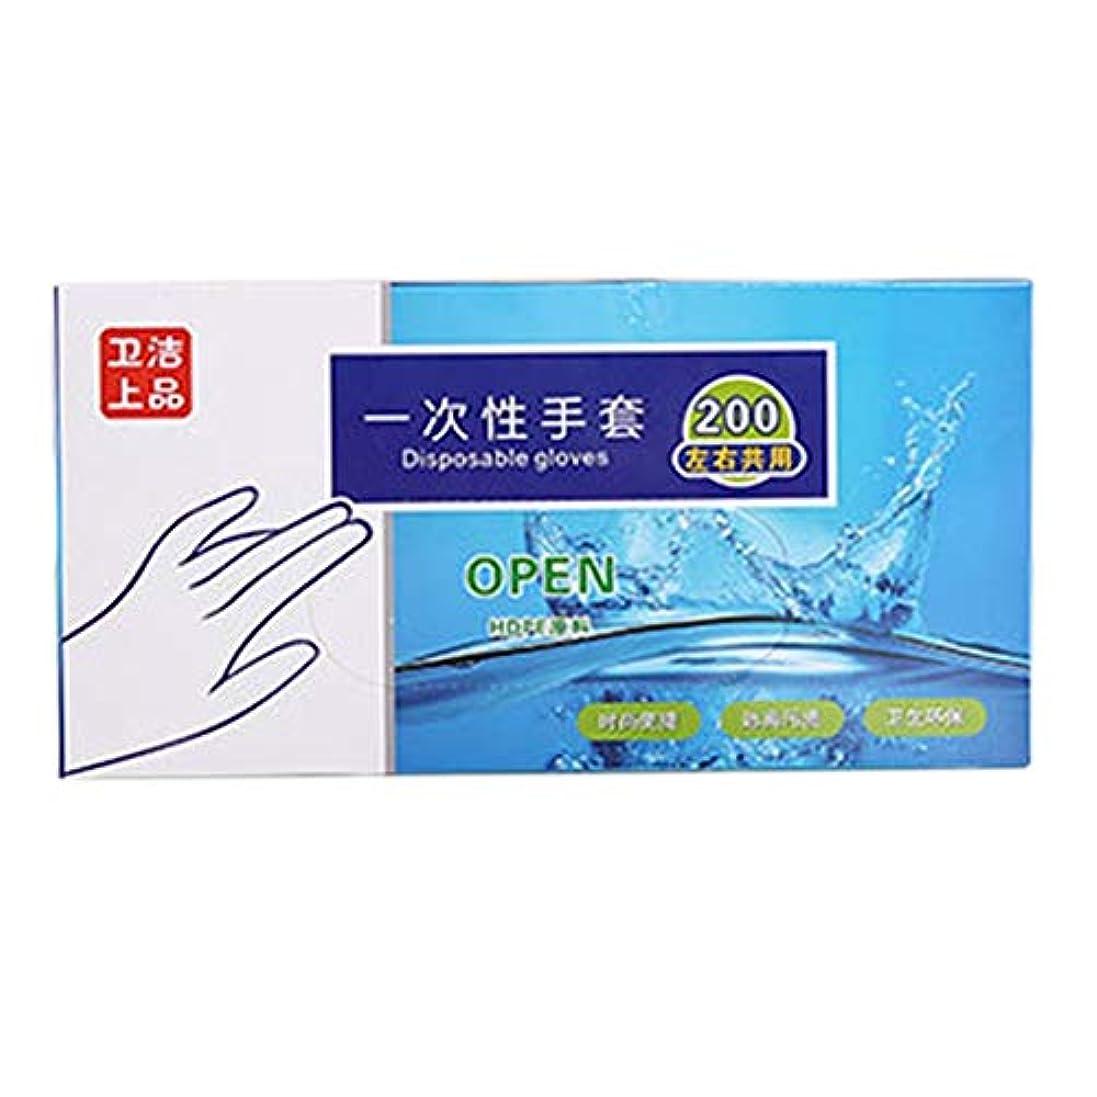 花輪ドラフトシステムMoresave 200枚 使い捨て手袋 使いきり手袋 キッチン 掃除用具 防水防油 透明 厚手